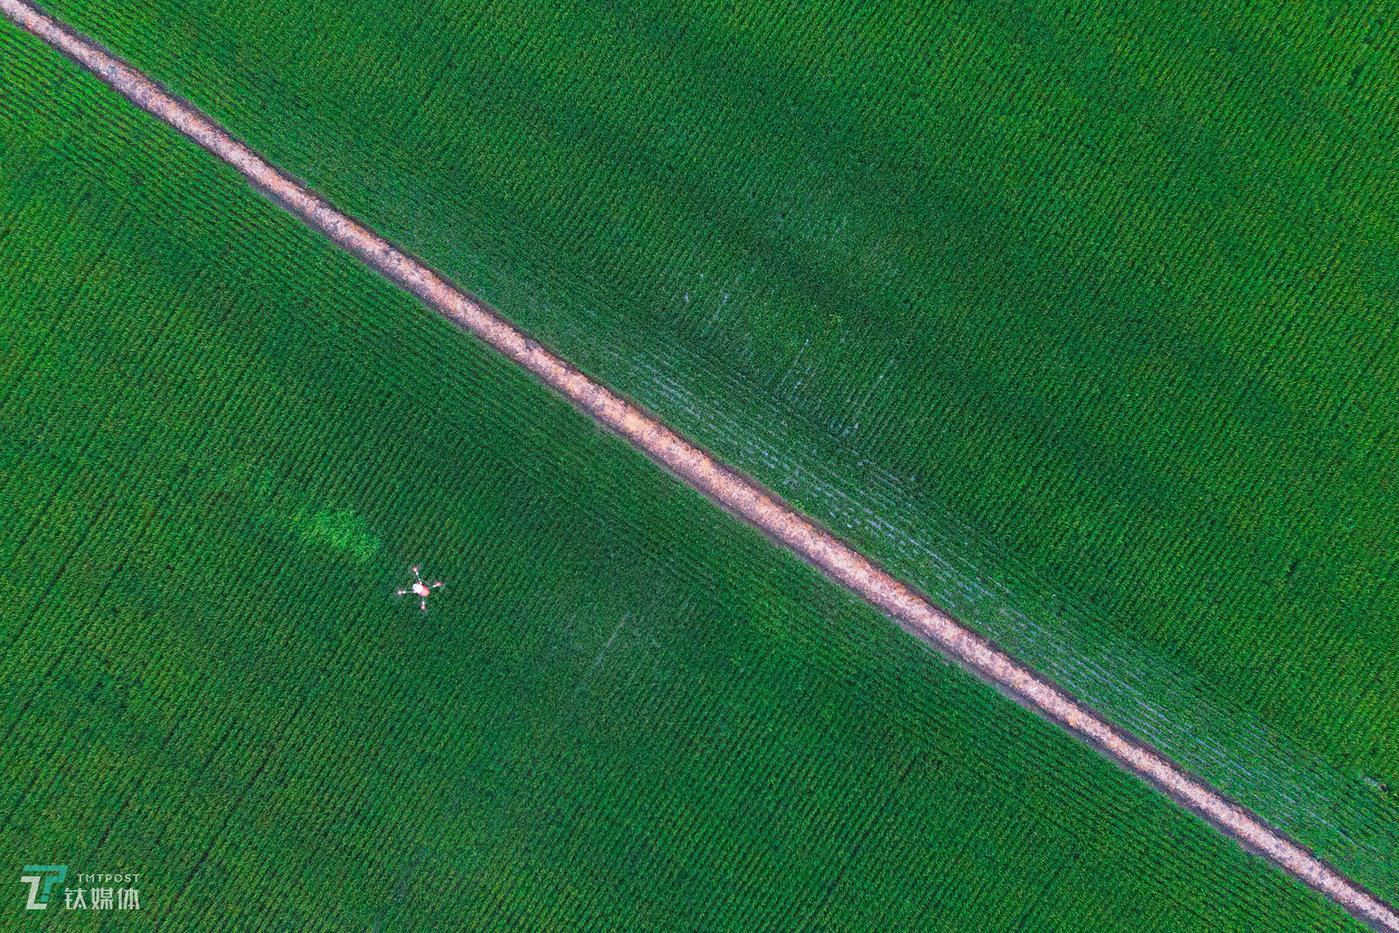 2018年7月21日,黑龙江省宝清县,一架植保无人机在农场水稻田进行农药喷洒作业。